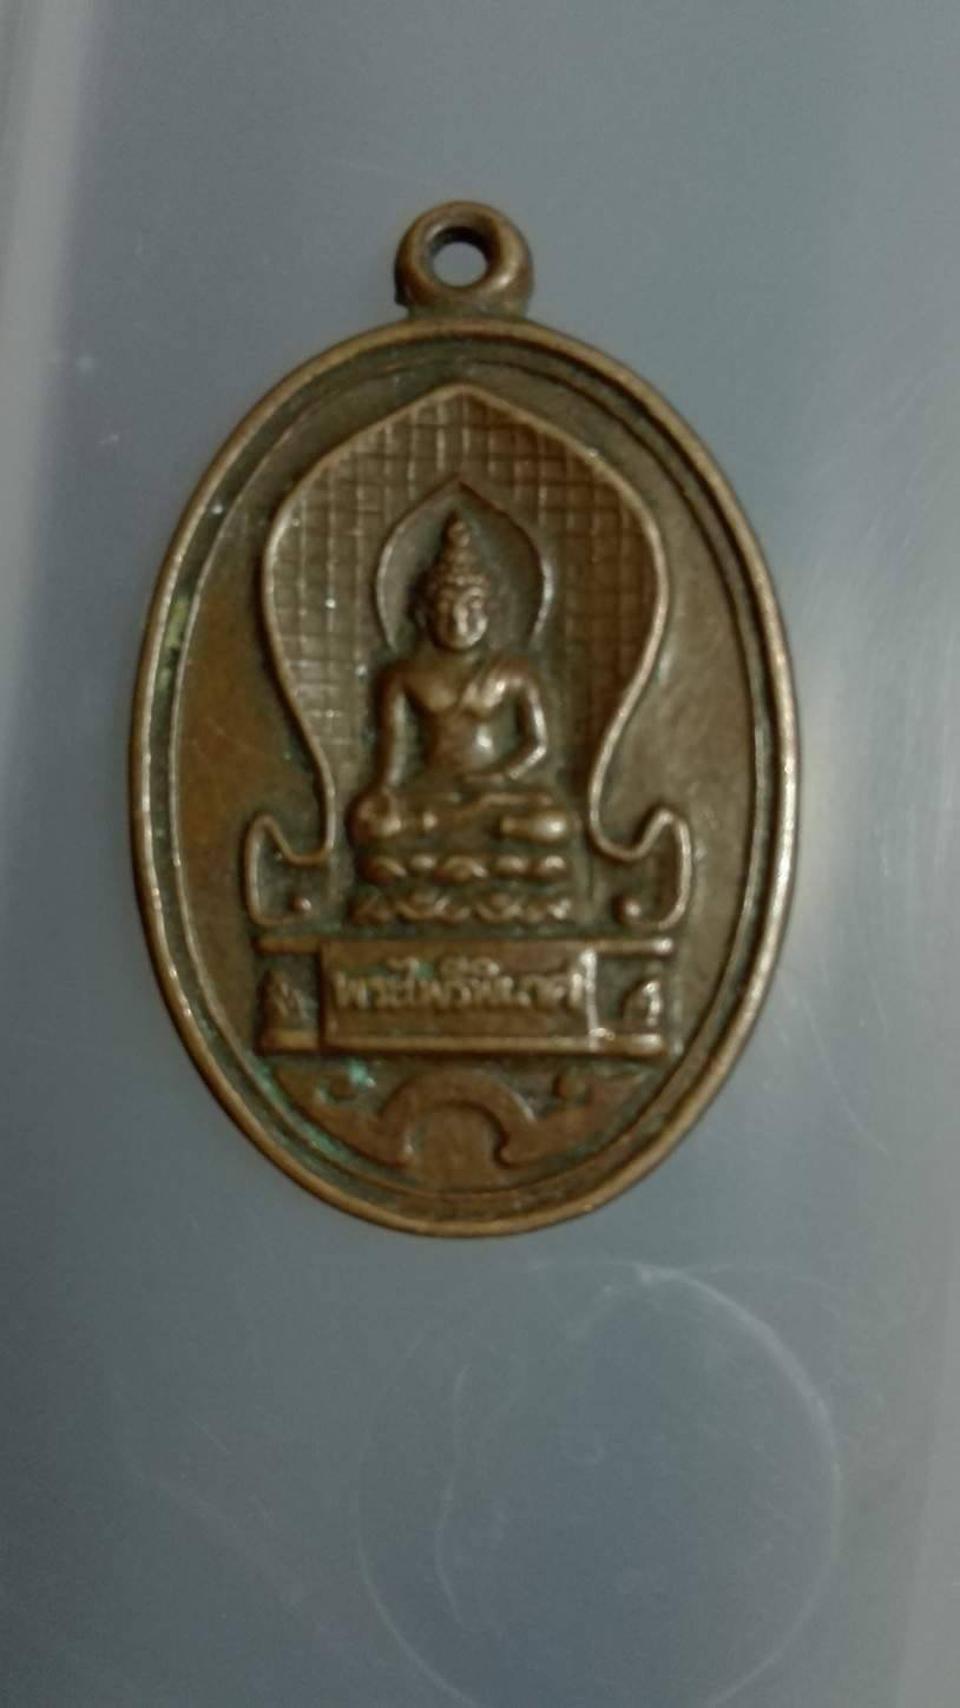 เหรียญพระไพรีพินาศ 50 ปี กรมอาชีวศึกษา พ.ศ. 2534 รูปที่ 3